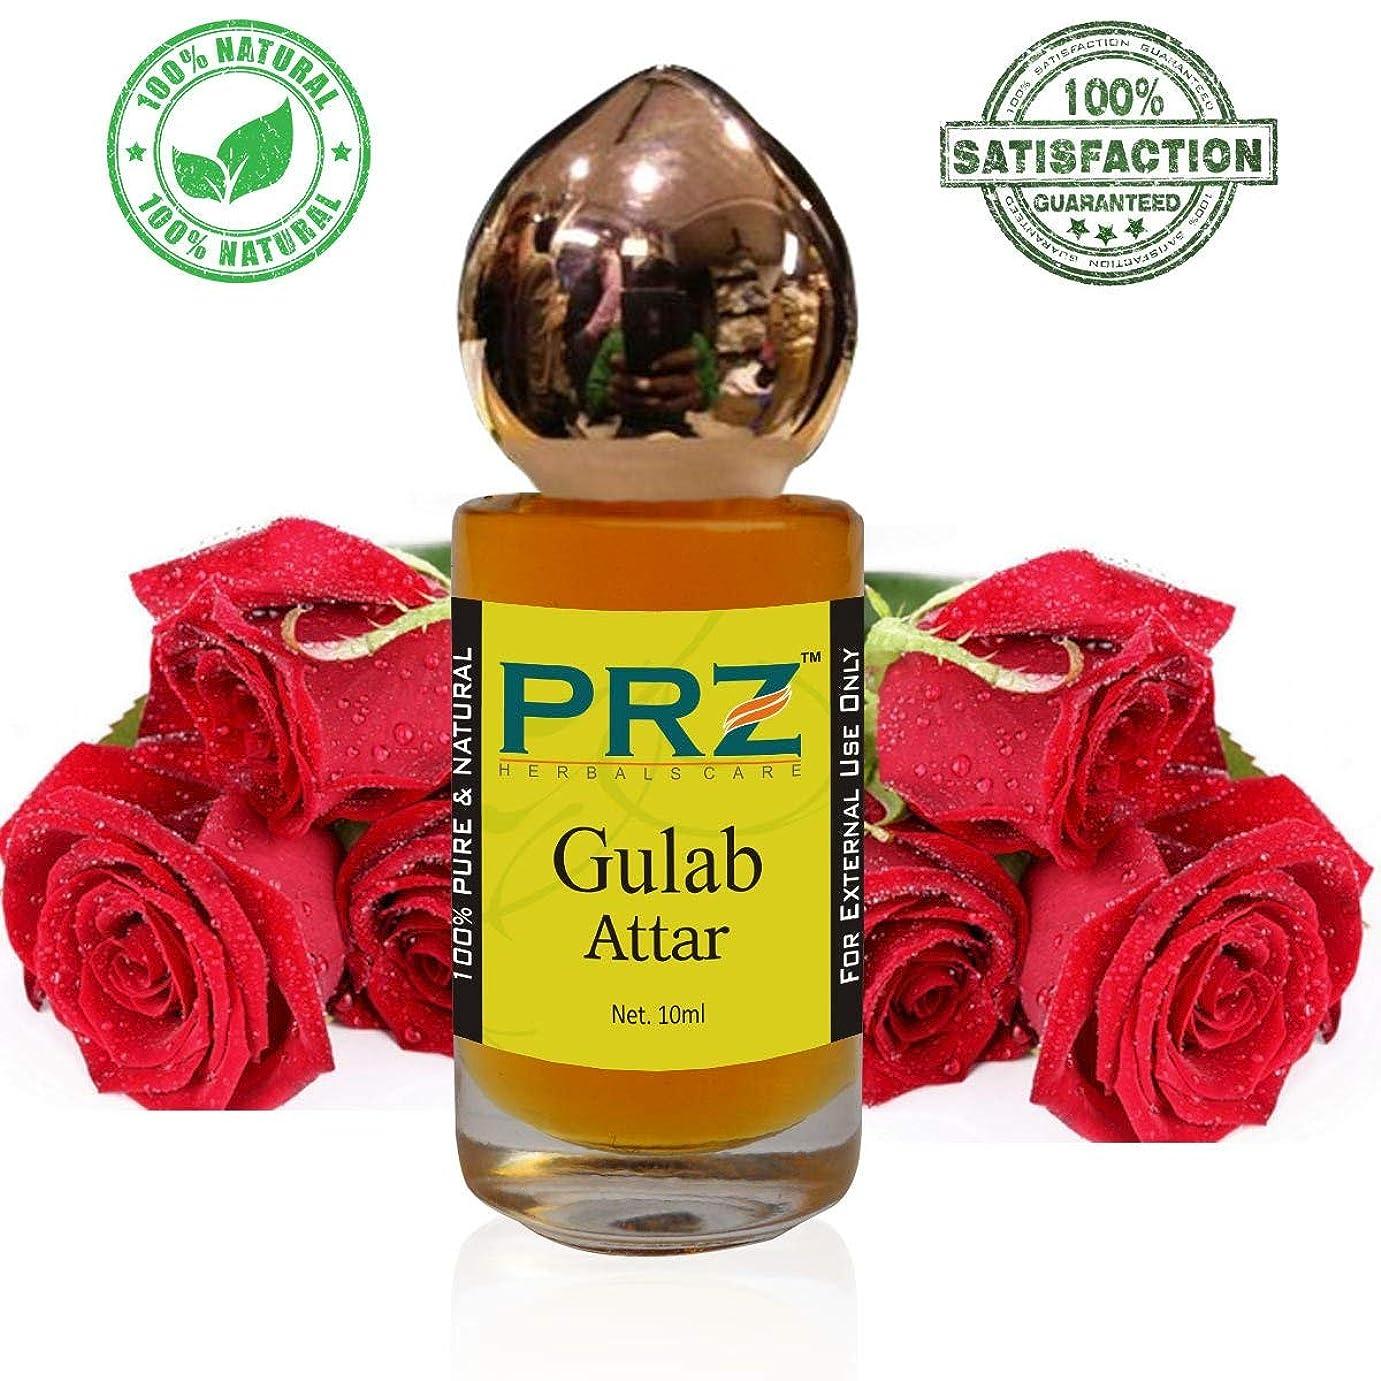 バンカー気候の山そよ風ユニセックスのためにGULABアターロールオン(10 ML) - ピュアナチュラルプレミアム品質の香水(ノンアルコール)|アターITRA最高品質の香水は、長期的なアタースプレー